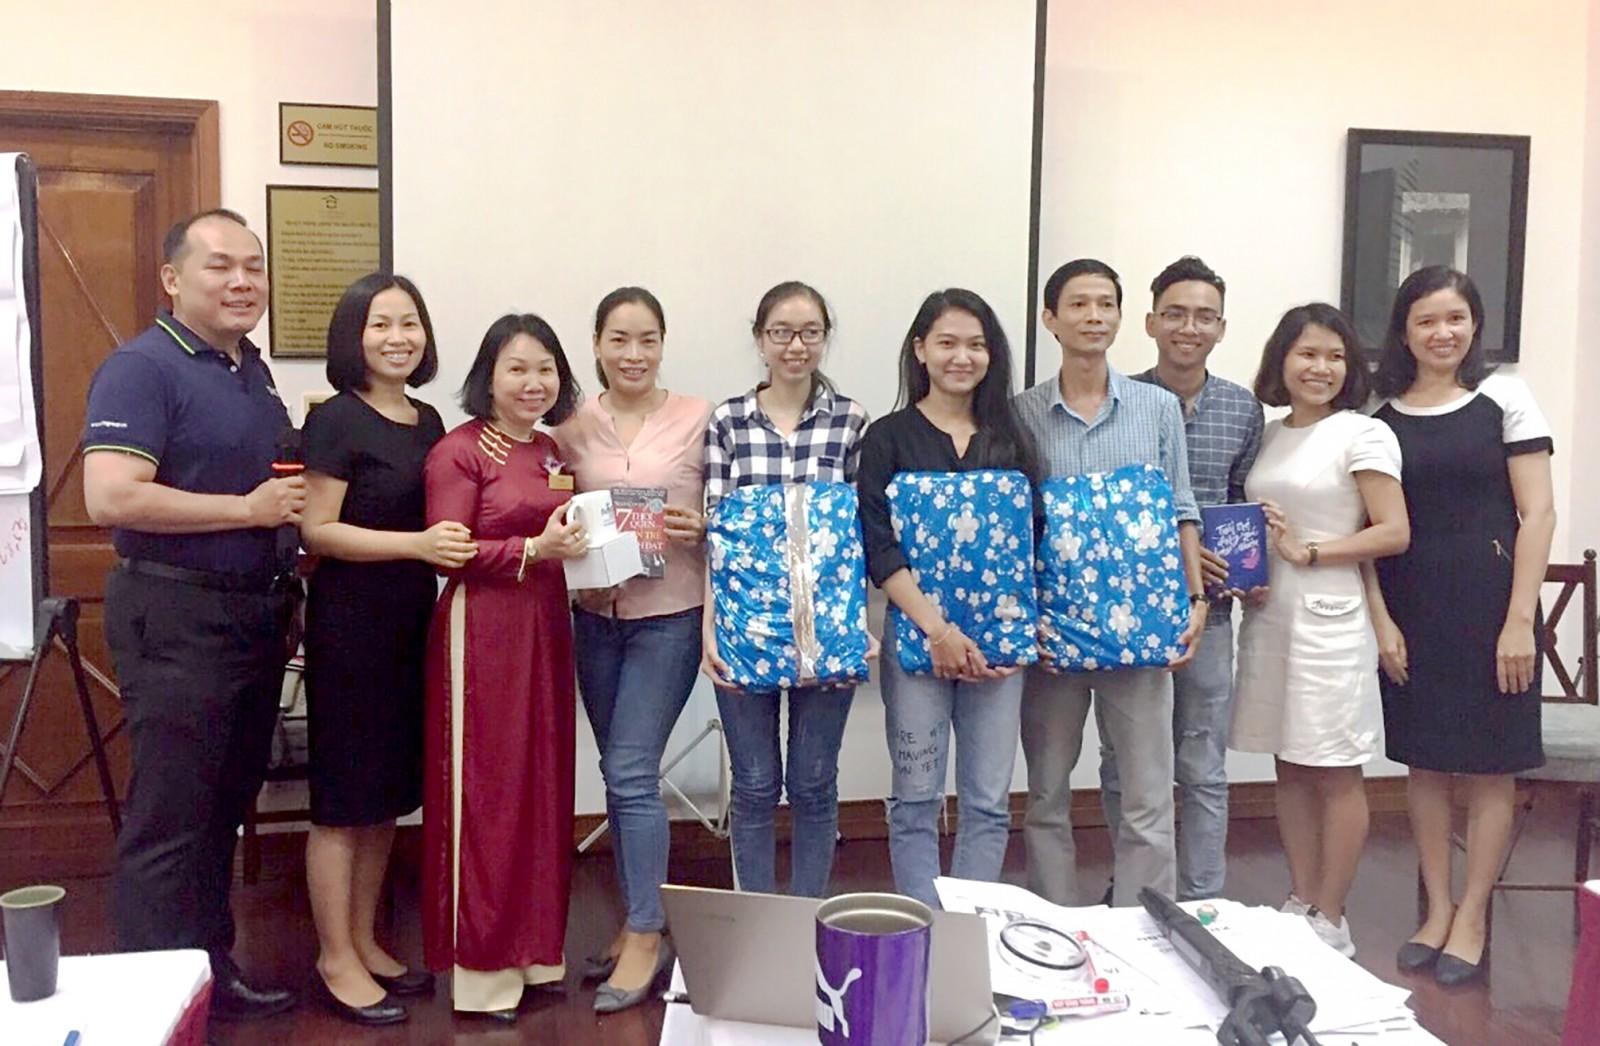 Công ty TNHH Victoria Cần Thơ thường xuyên tổ chức các lớp tập huấn nâng cao tay nghề, nghiệp vụ cho nhân viên. Ảnh: CTV